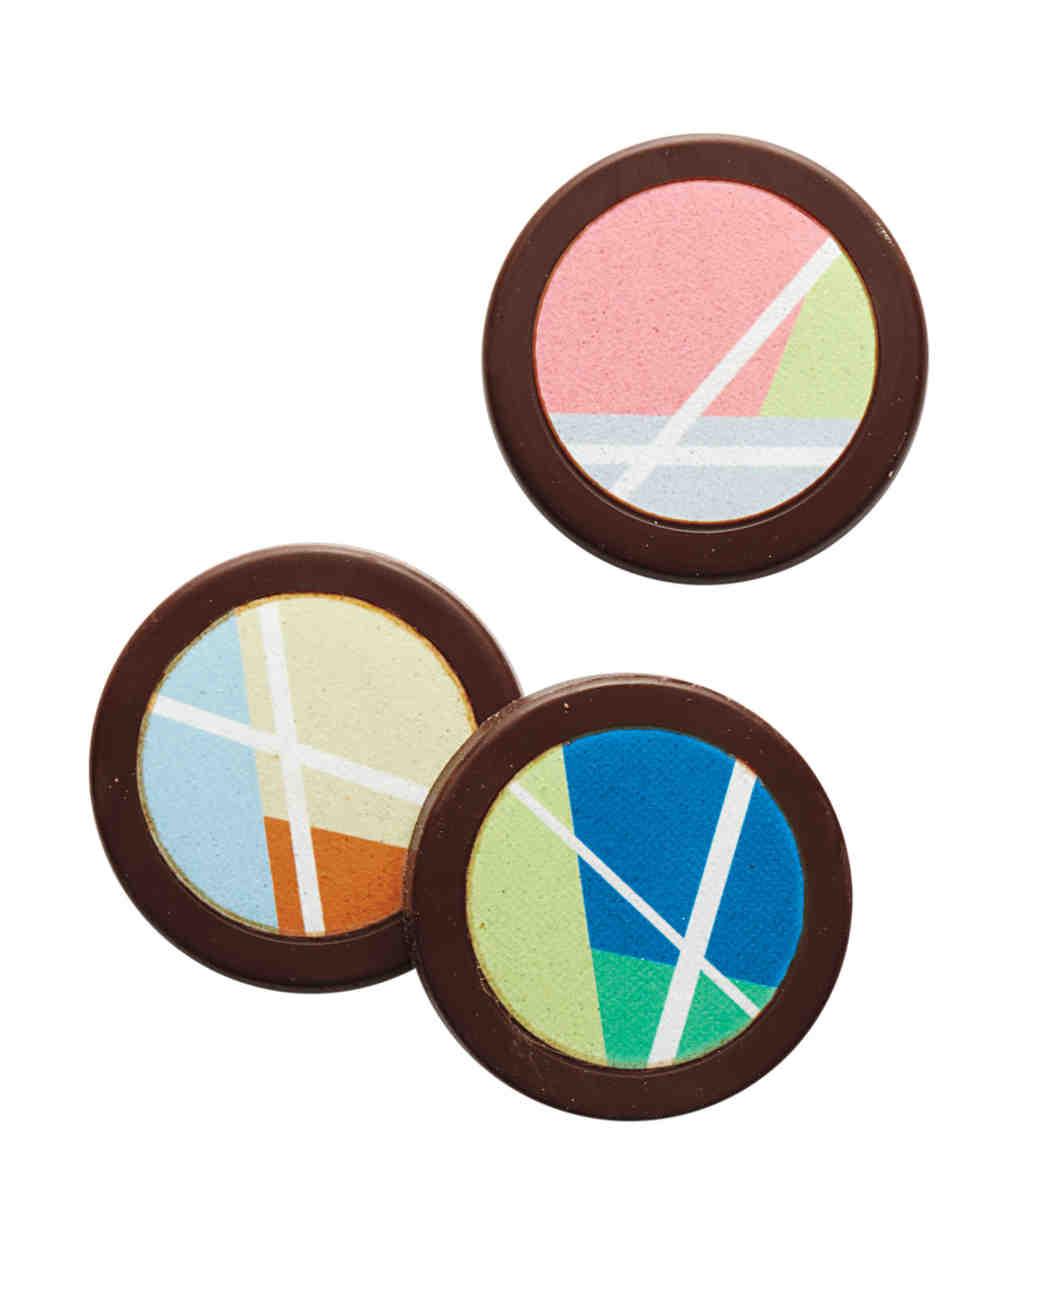 chocolate-sum11mwd107158.jpg